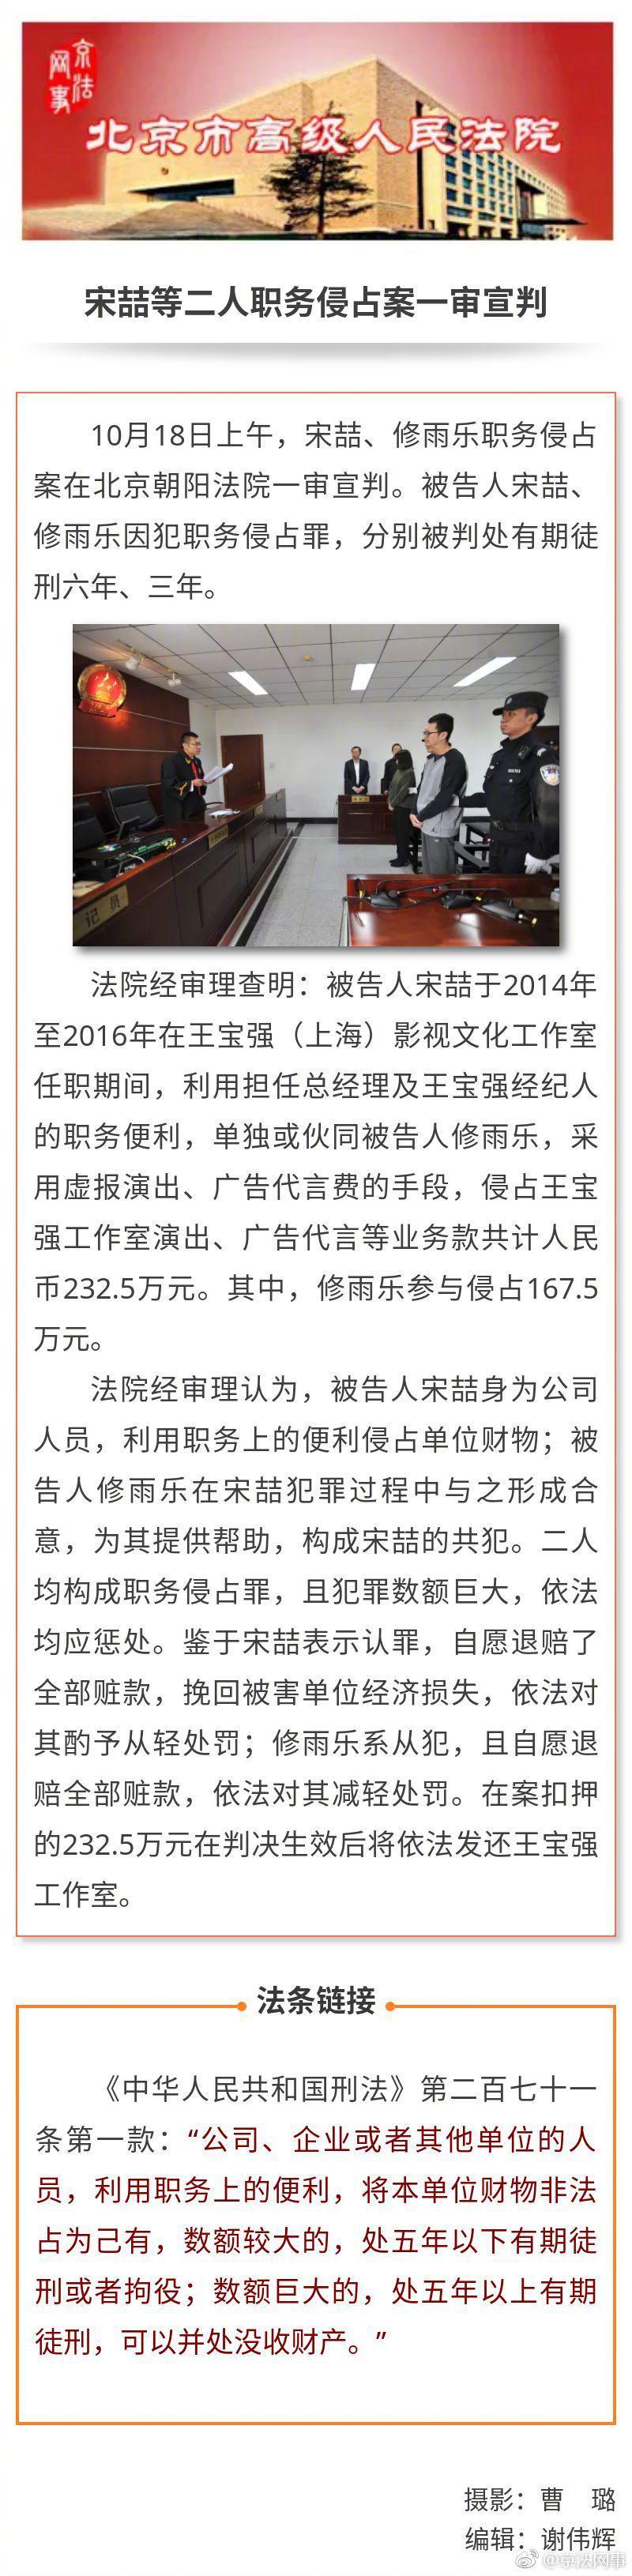 王宝强前经纪人宋喆涉职务侵占罪案宣判:获刑6年